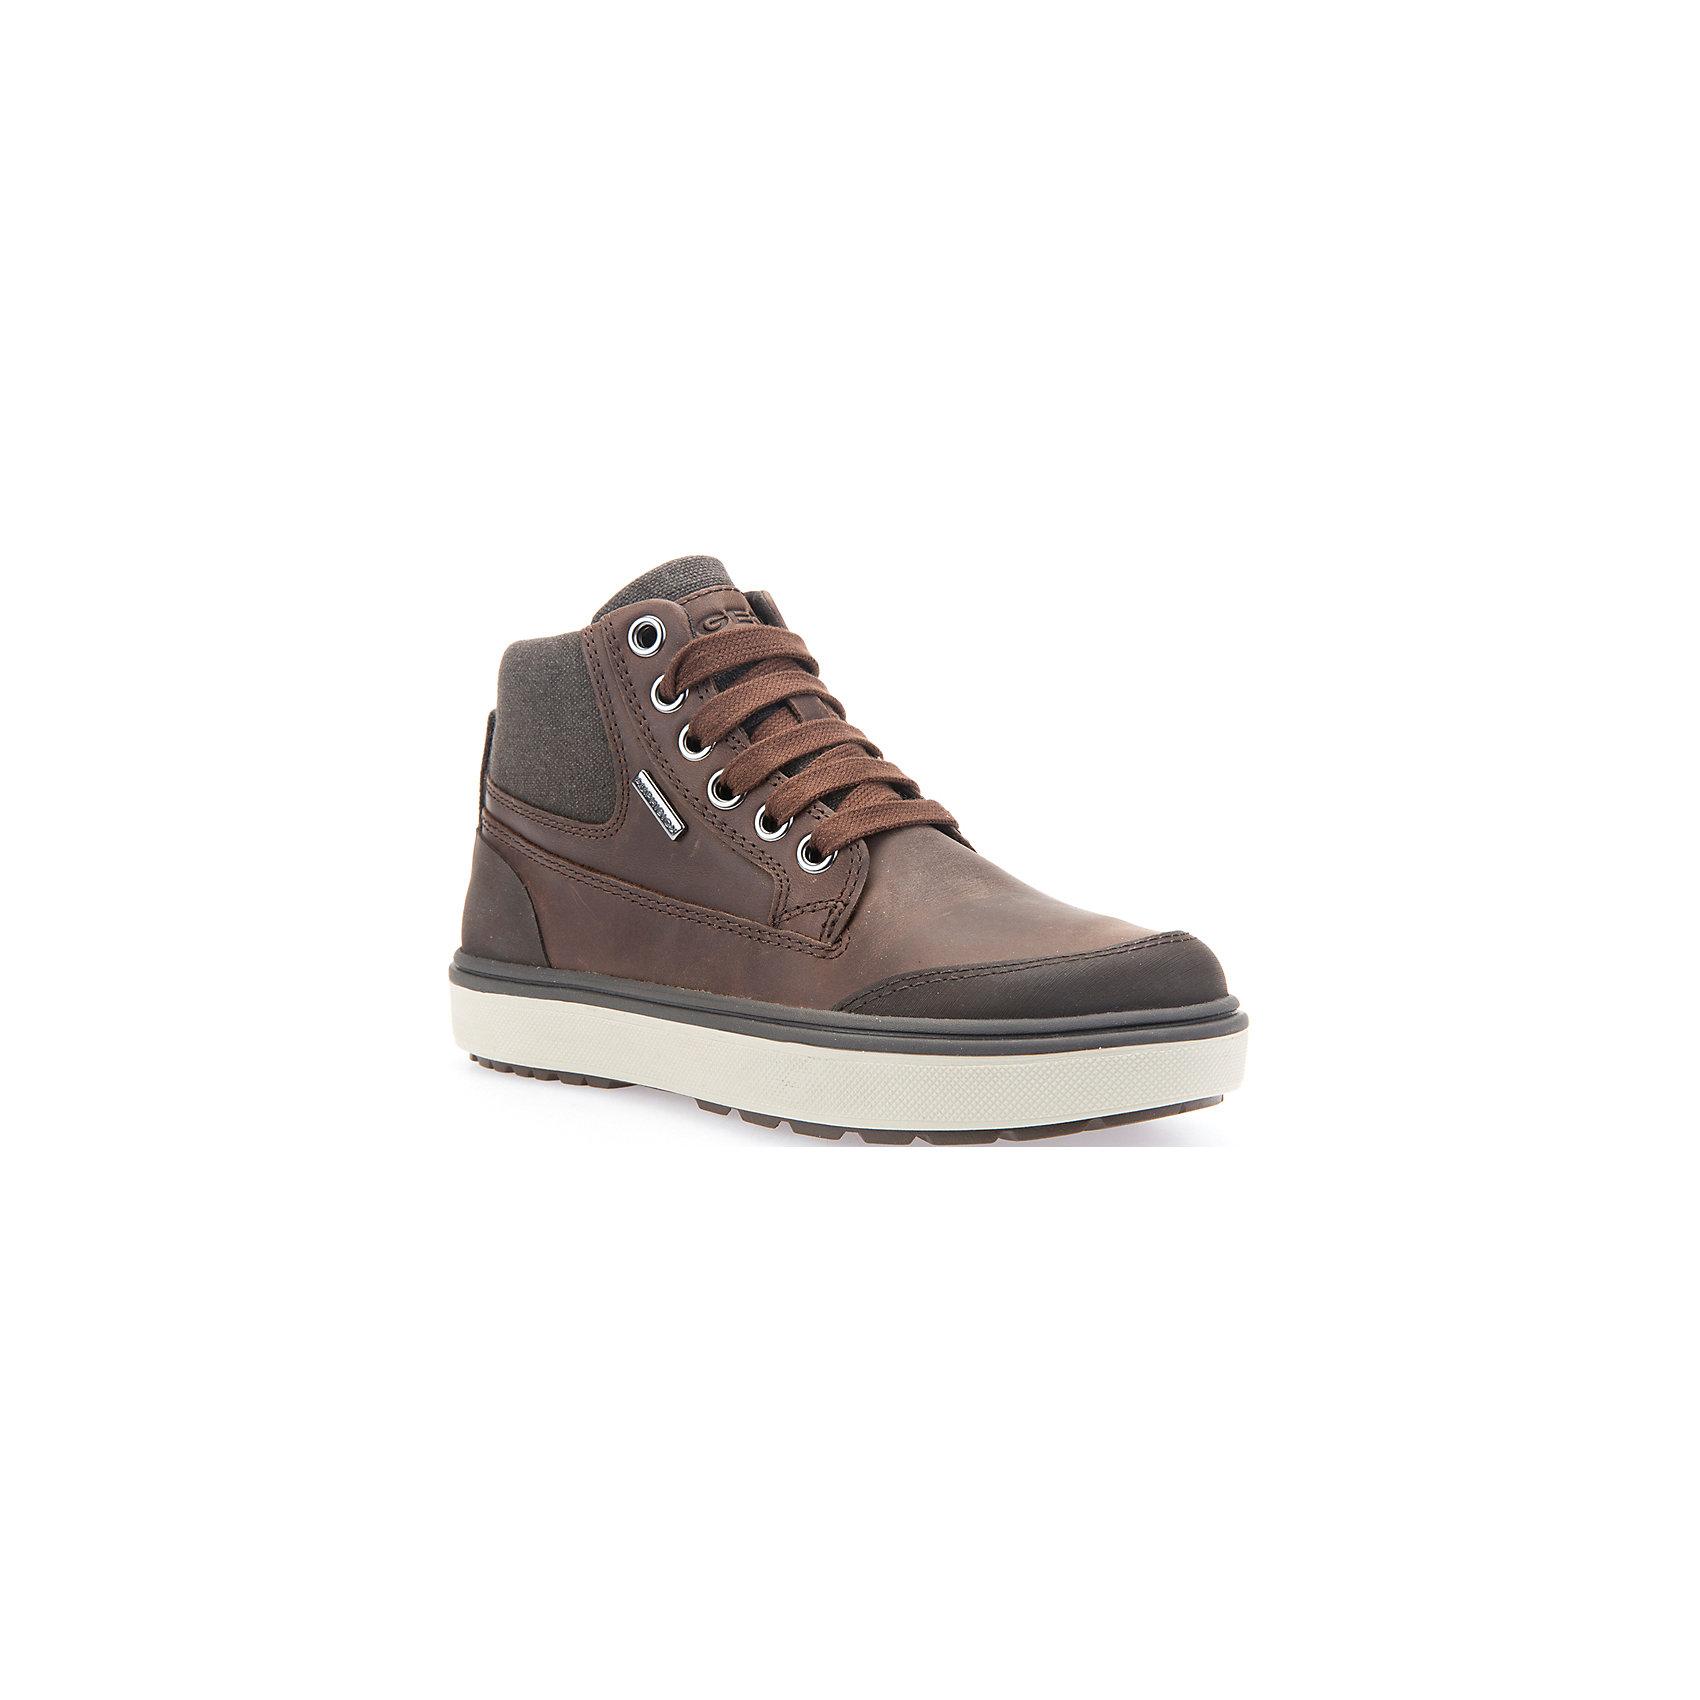 Ботинки для мальчика GeoxБотинки<br>Ботинки для мальчика GEOX (ГЕОКС)<br>Ботинки для мальчика от GEOX (ГЕОКС) выполнены из натуральной кожи. Модель имеет теплую подкладку и войлочную стельку с изоляционным алюминиевым слоем, что улучшается тепловое сопротивление в холодных условиях, повышая температуру внутри обуви. Влага не застаивается в обуви, благодаря чему создается идеальный микроклимат, который держит ноги теплыми и сухими, и позволяет им дышать естественно. Тип застежки шнуровка, также модель застёгивается на удобную боковую молнию, которая фиксируется небольшой липучкой. Колодка соответствует анатомическим особенностям строения детской стопы. Качественная амортизация снижает нагрузку на суставы. Легкая подошва из ЭВА с микропористой мембраной обеспечивает естественное дыхание обуви, не пропускает воду.<br><br>Дополнительная информация:<br><br>- Сезон: демисезон<br>- Цвет: коричневый<br>- Состав: натуральная кожа 60%, синтетический материал 40%<br>- Материал верха: натуральная кожа<br>- Внутренний материал: текстиль<br>- Материал стельки: текстиль<br>- Материал подошвы: резина<br>- Тип подошвы: рифленая<br>- Вид застежки: шнуровка, молния<br>- Высота задника: 7 см.<br>- Технология Amphibiox<br>- Материалы и продукция прошли специальную проверку T?V S?D, на отсутствие веществ, опасных для здоровья покупателей<br><br>Ботинки для мальчика GEOX (ГЕОКС) можно купить в нашем интернет-магазине.<br><br>Ширина мм: 257<br>Глубина мм: 180<br>Высота мм: 130<br>Вес г: 420<br>Цвет: коричневый<br>Возраст от месяцев: 48<br>Возраст до месяцев: 60<br>Пол: Мужской<br>Возраст: Детский<br>Размер: 28,35,37,29,30,36,38,34,32,31,33<br>SKU: 4865106